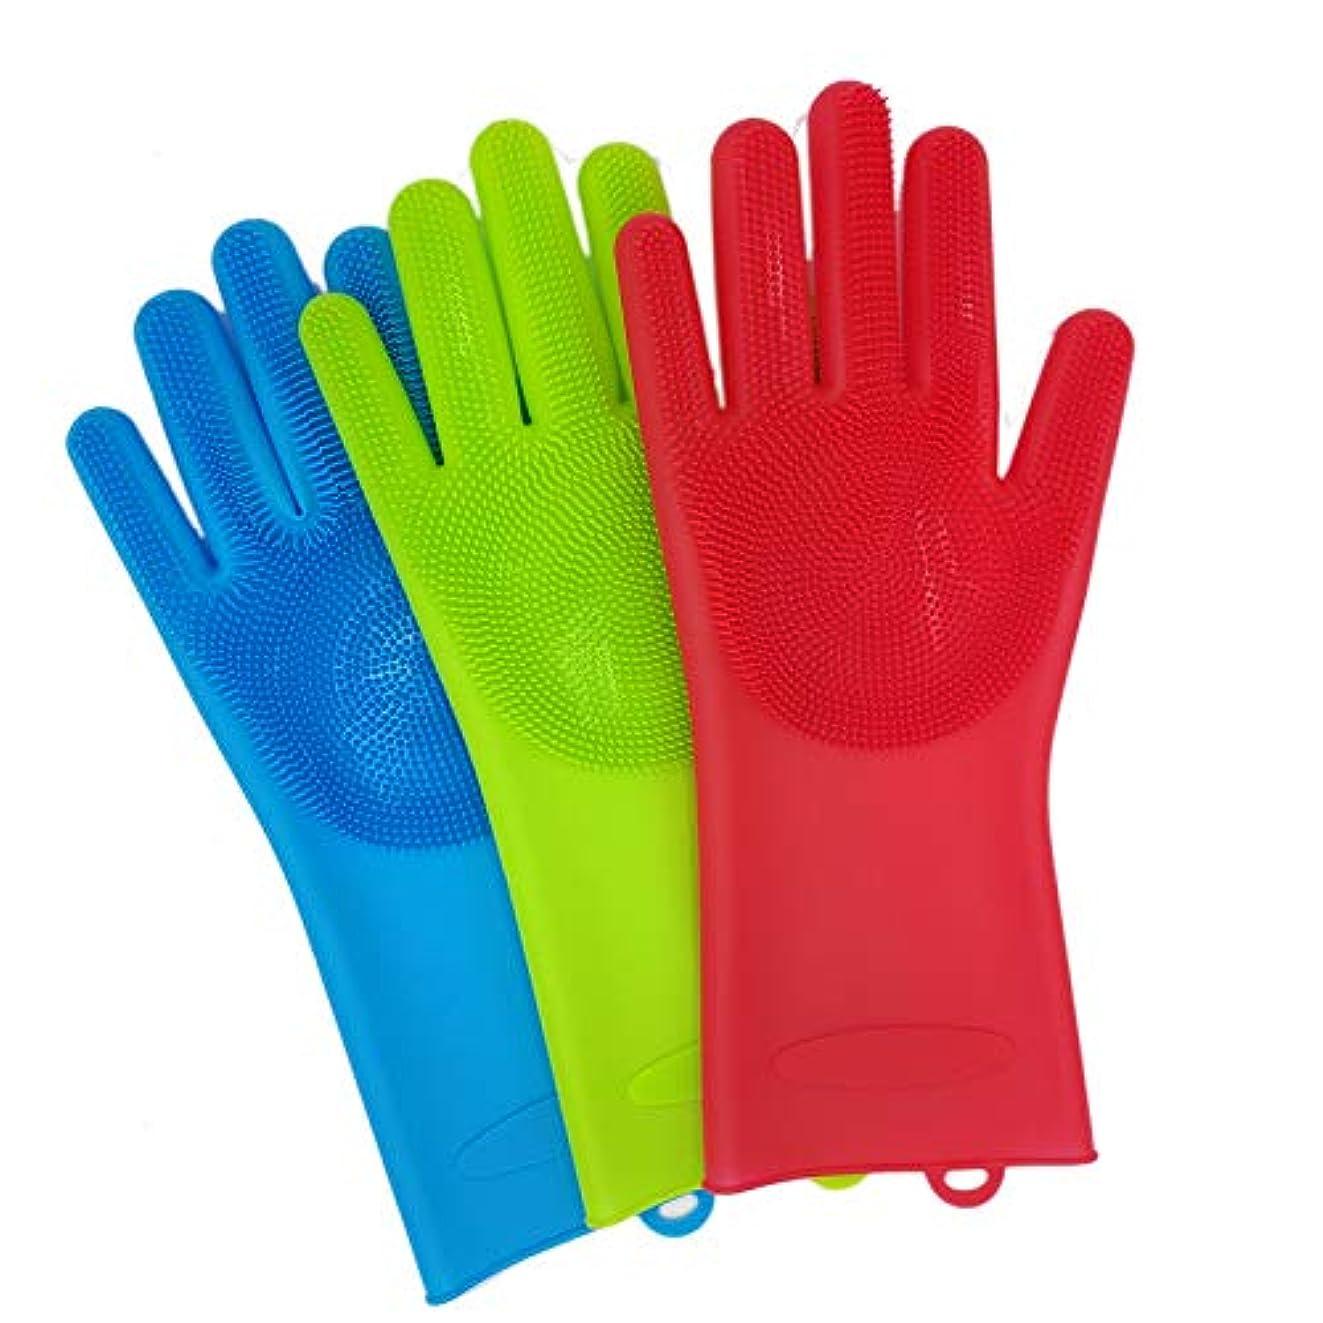 トリクル価値原因BTXXYJP 手袋 ペット ブラシ 猫 ブラシ グローブ 耐摩耗 クリーナー 抜け毛取り マッサージブラシ 犬 グローブ ペット毛取りブラシ お手入れ (Color : Blue, Size : L)